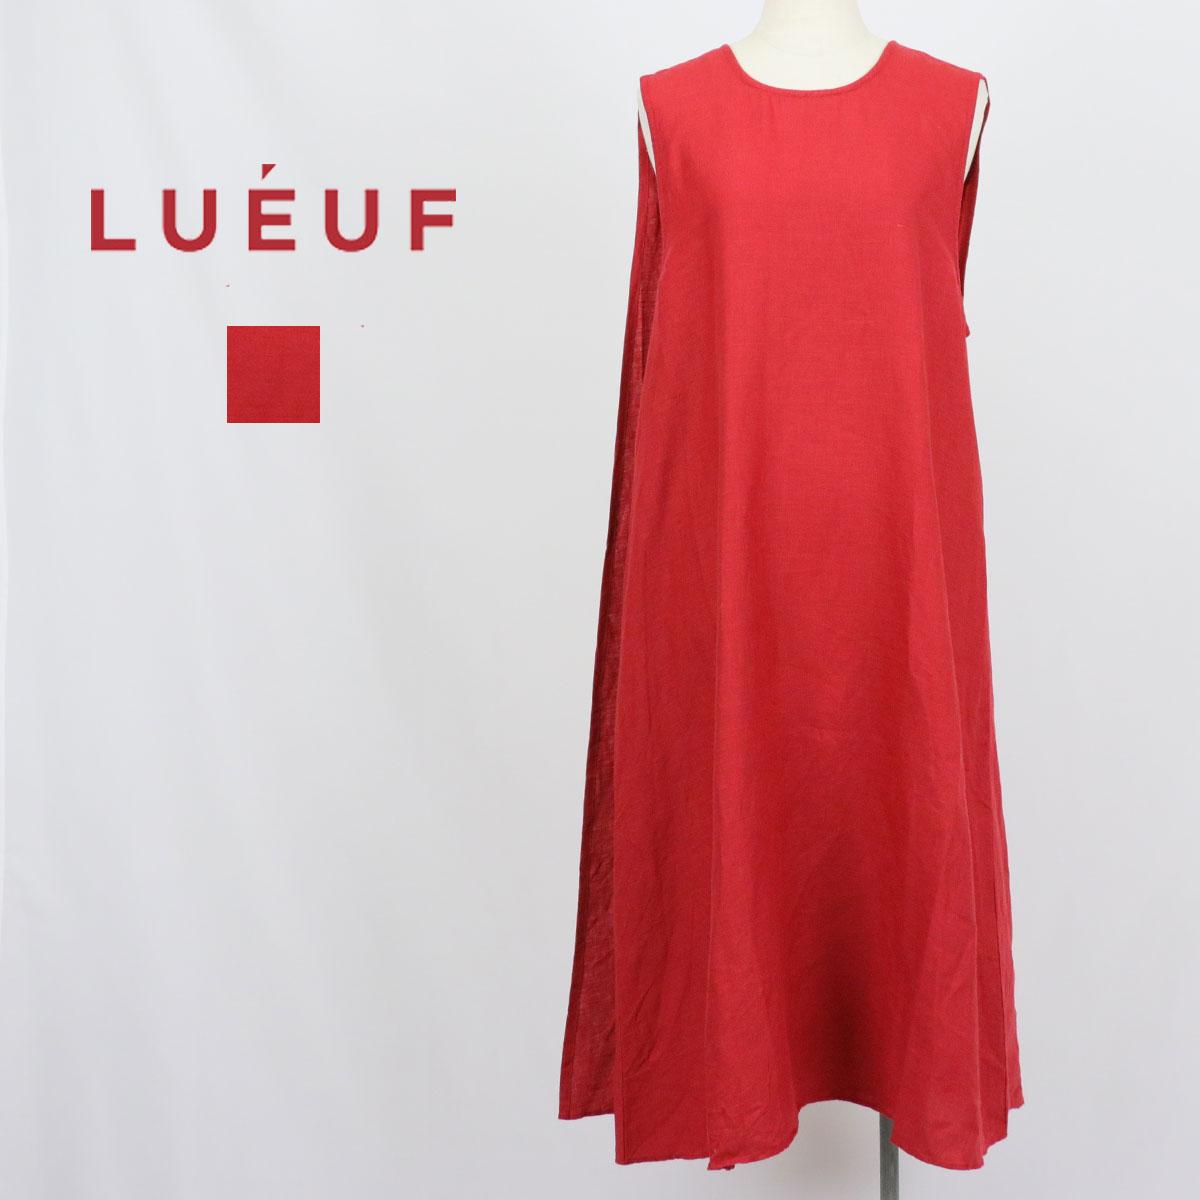 ≪SALE・20パーセントオフ≫ Lueuf ルフ バッククロス リネン ジャンパースカート